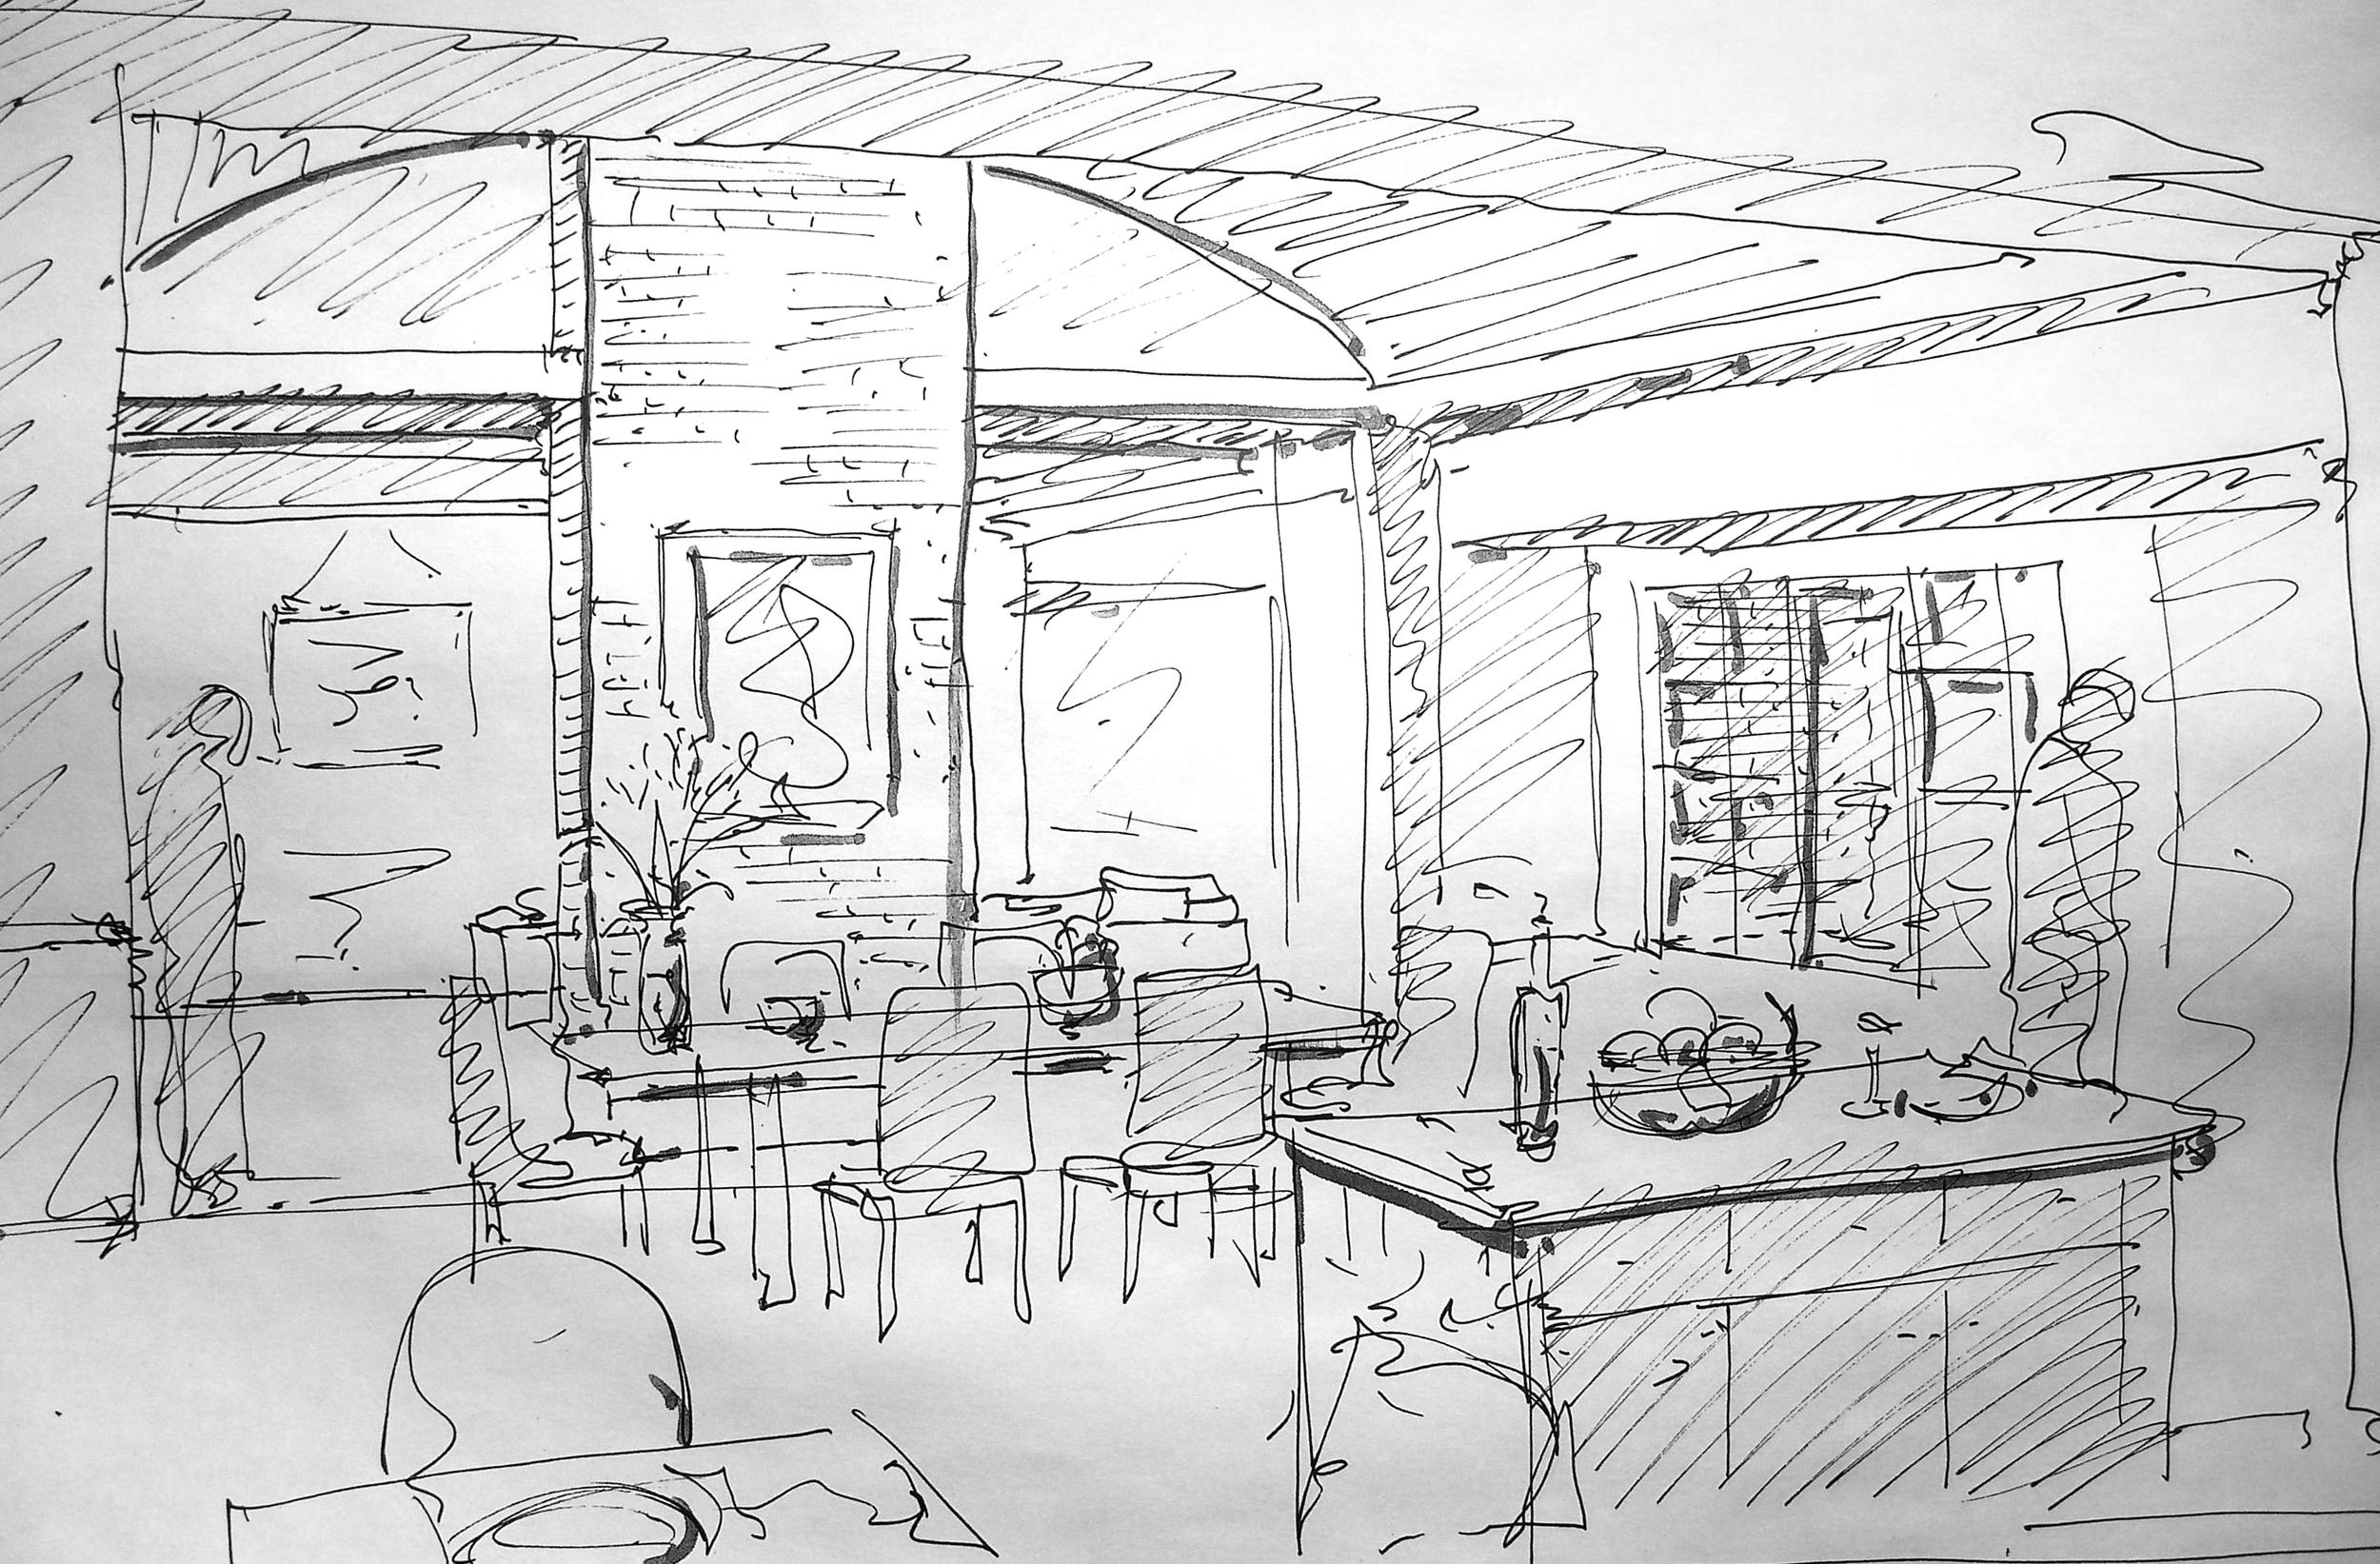 JC misc sketches 016.jpg